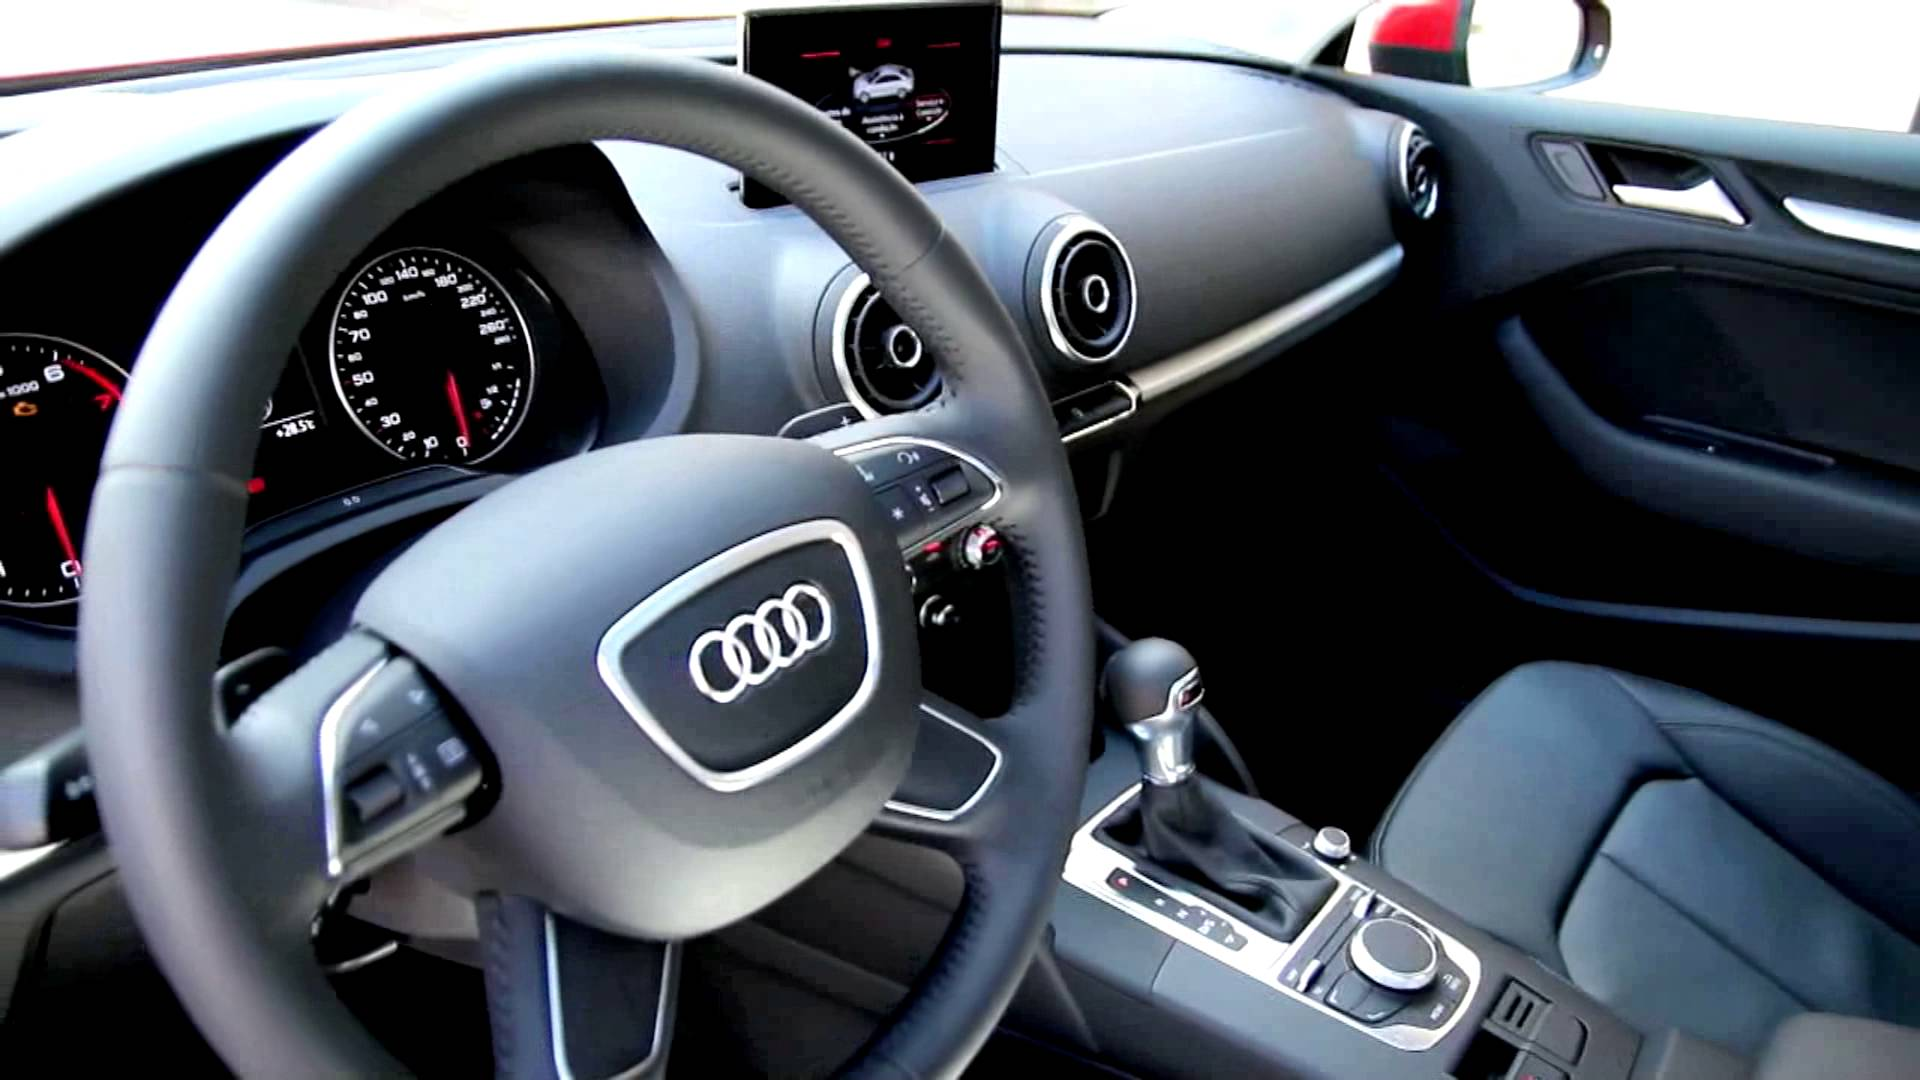 Outro escândalo: Audi admite que 2,1 milhões de veículos estão com emissão de poluentes adulteradas